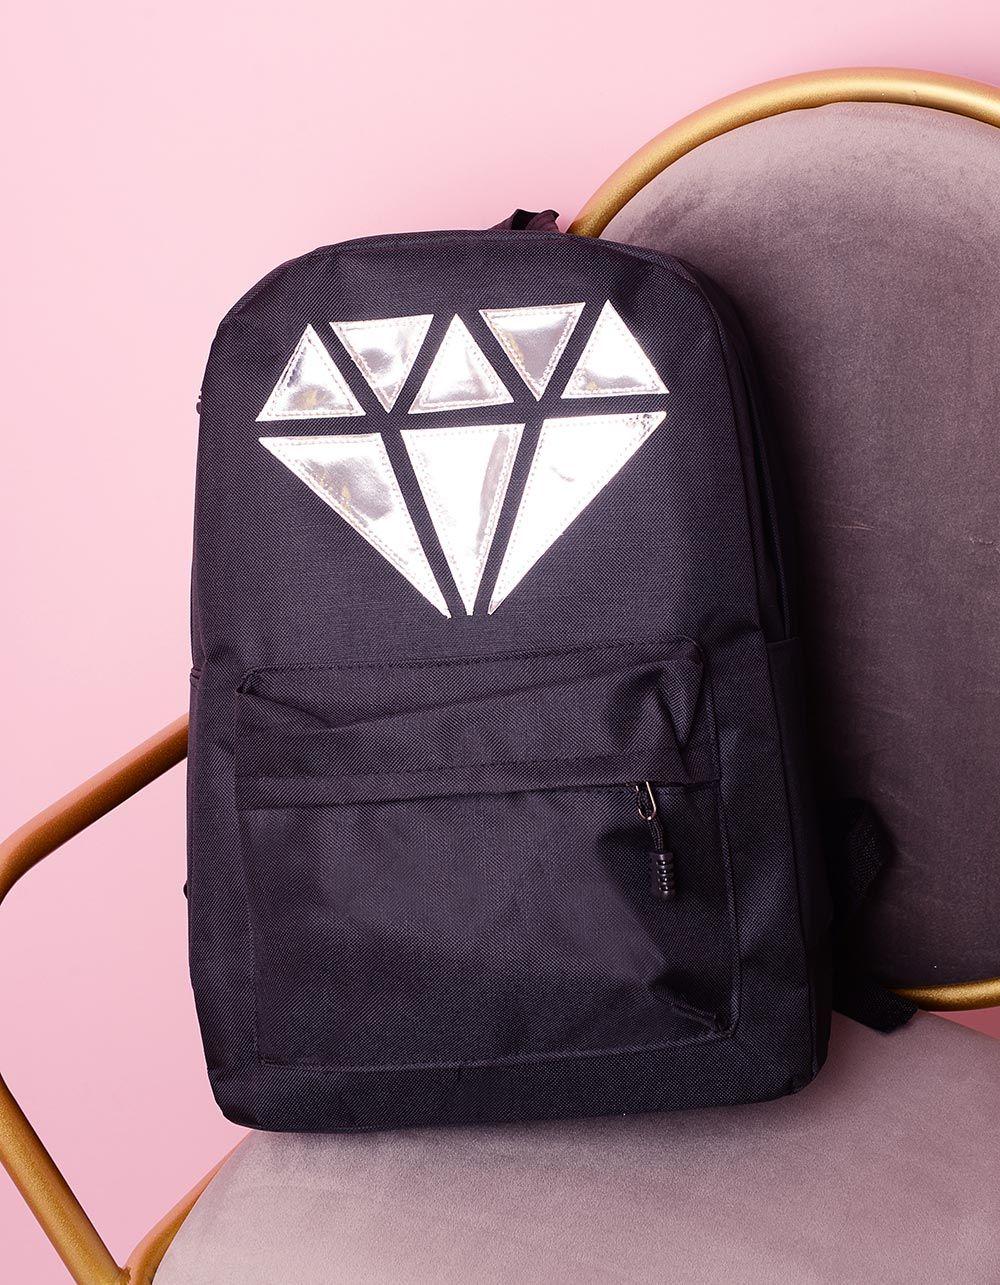 Рюкзак для міста з зображенням діаманта | 236644-02-XX